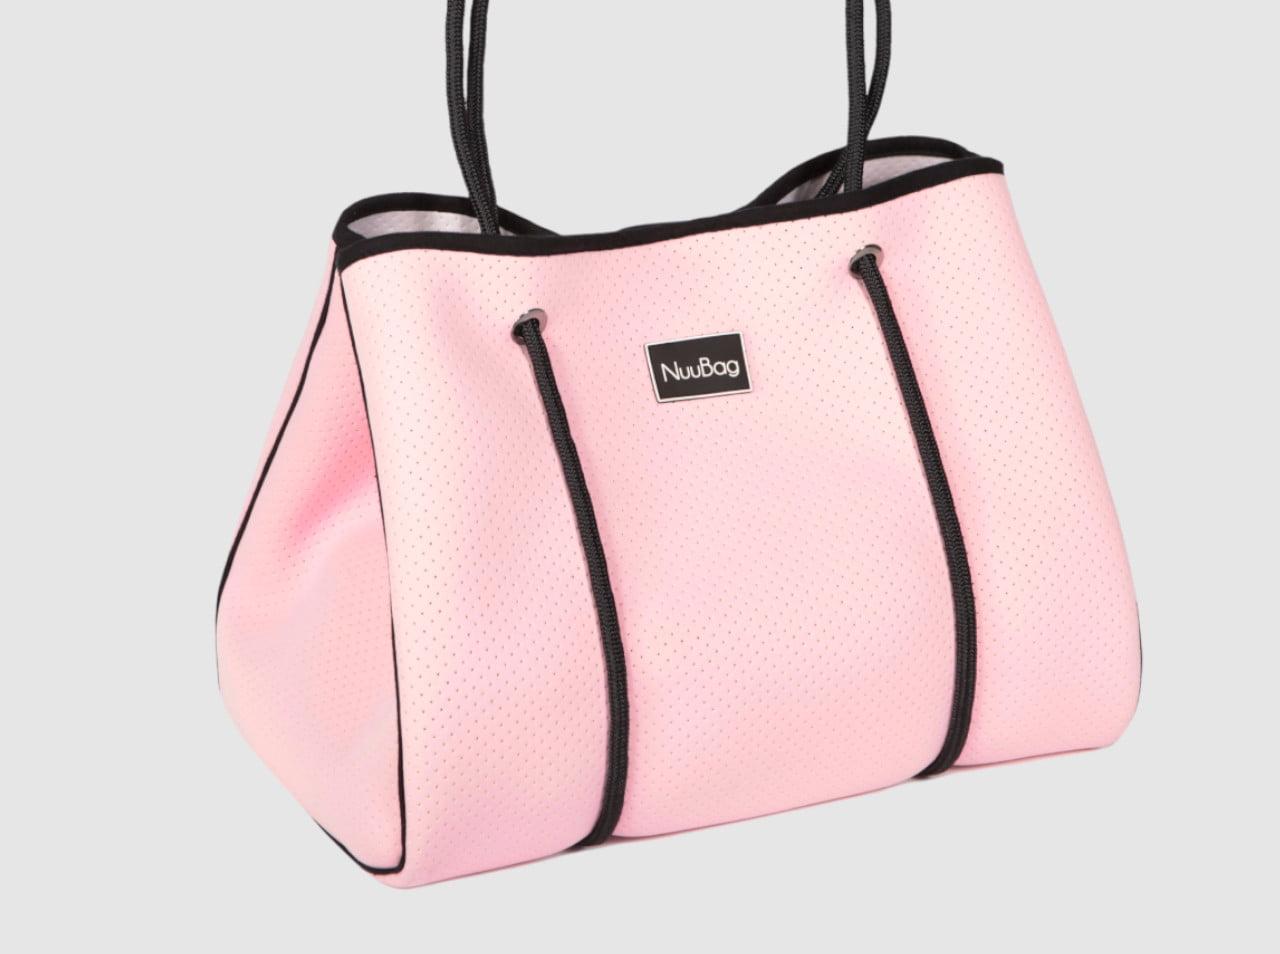 Duża torebka damska różowa